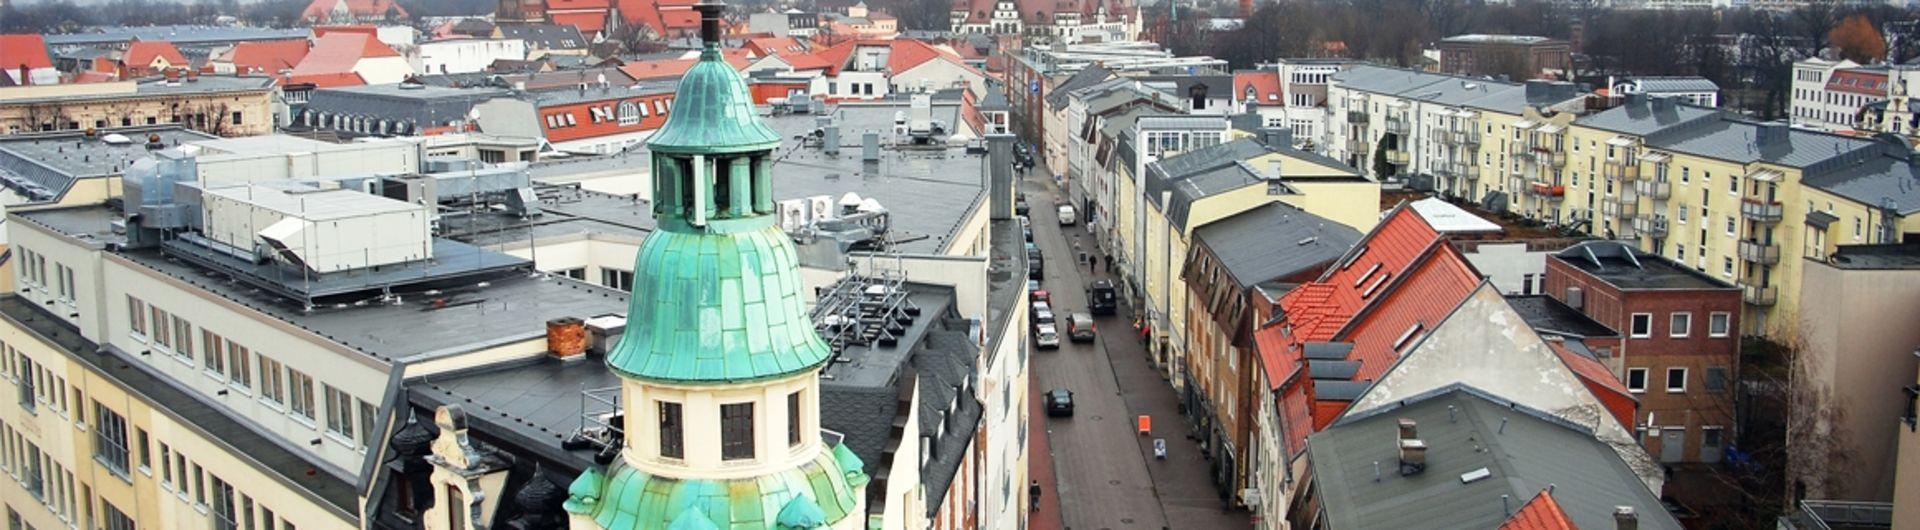 Unternehmerschaft lehnt PKW-freie Cottbuser Innenstadt ab